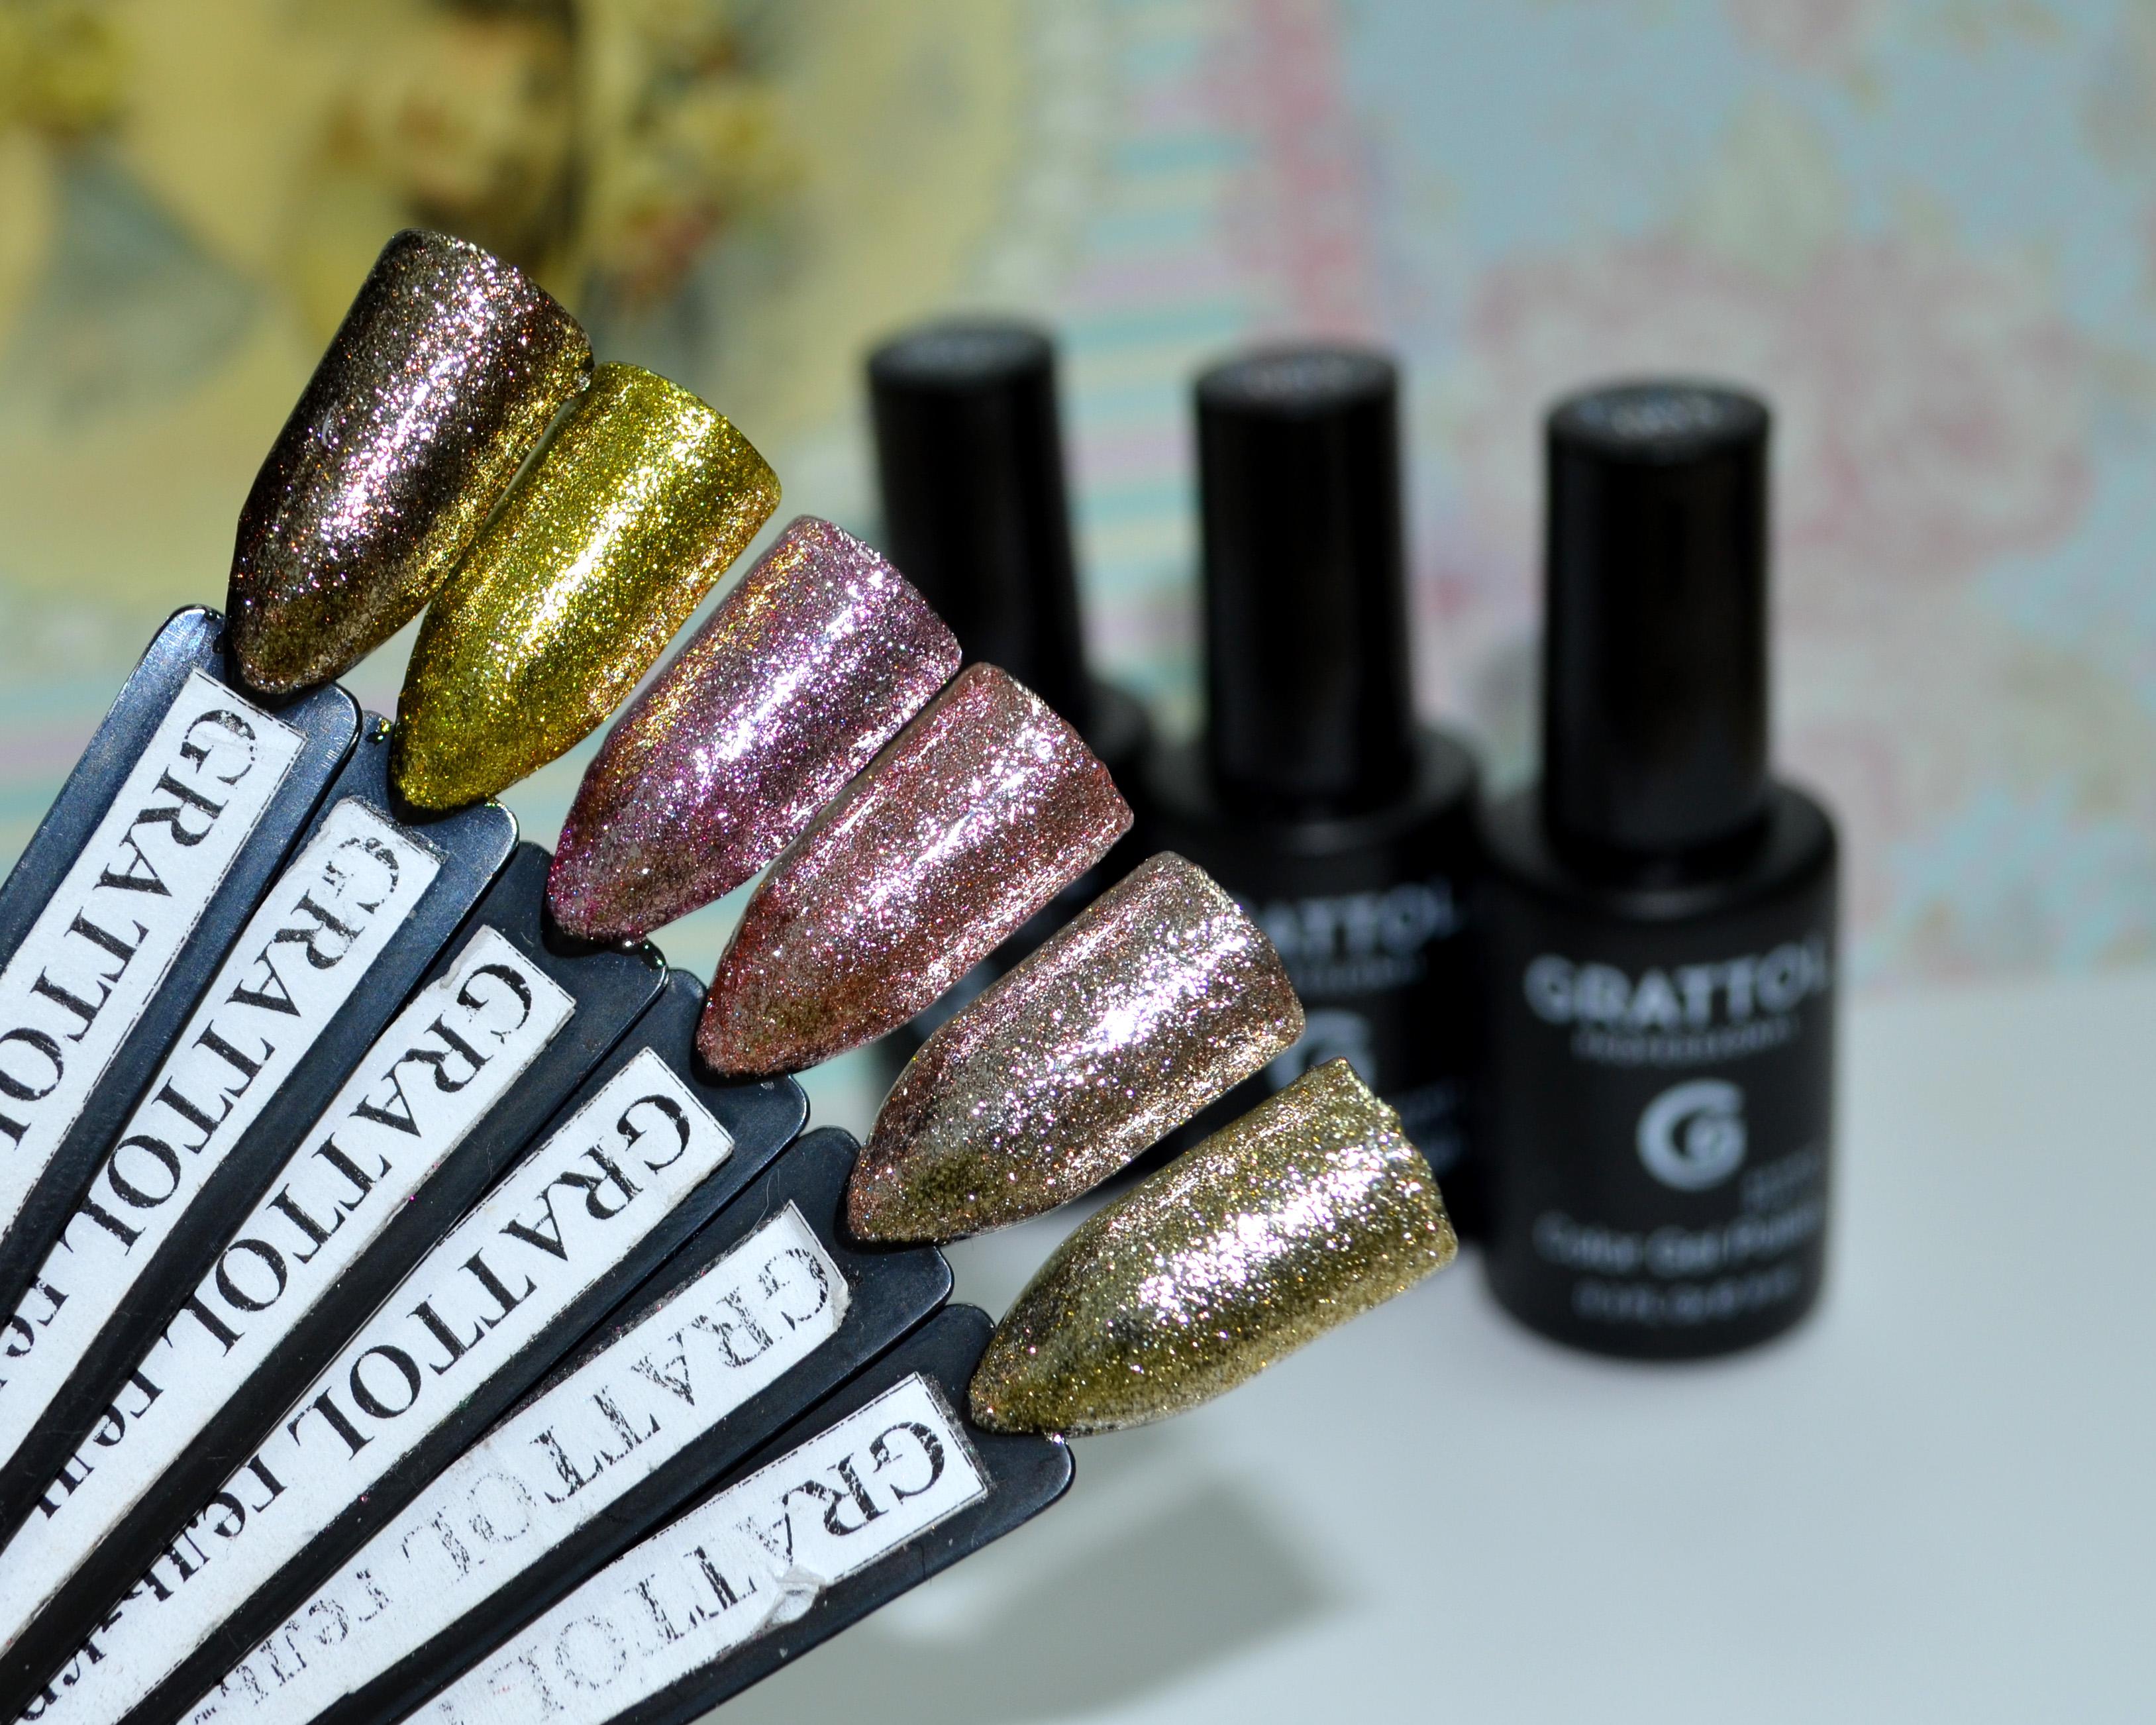 10 лучших гель лаков для ногтей по отзывам мастеров